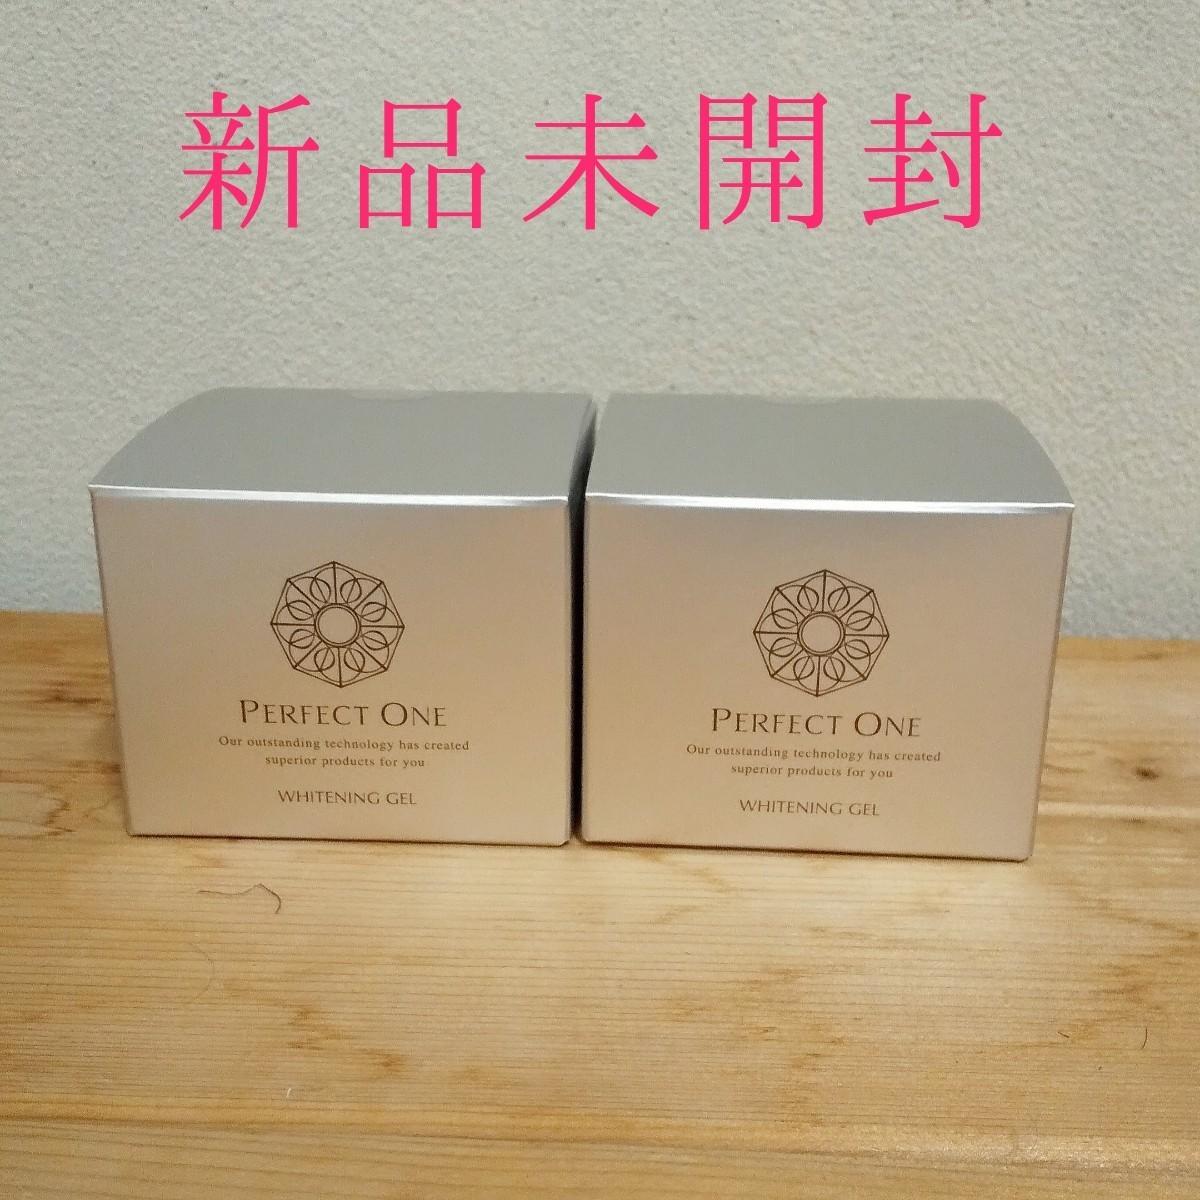 【新品未開封】パーフェクトワン 薬用ホワイトニングジェル 75g 2個